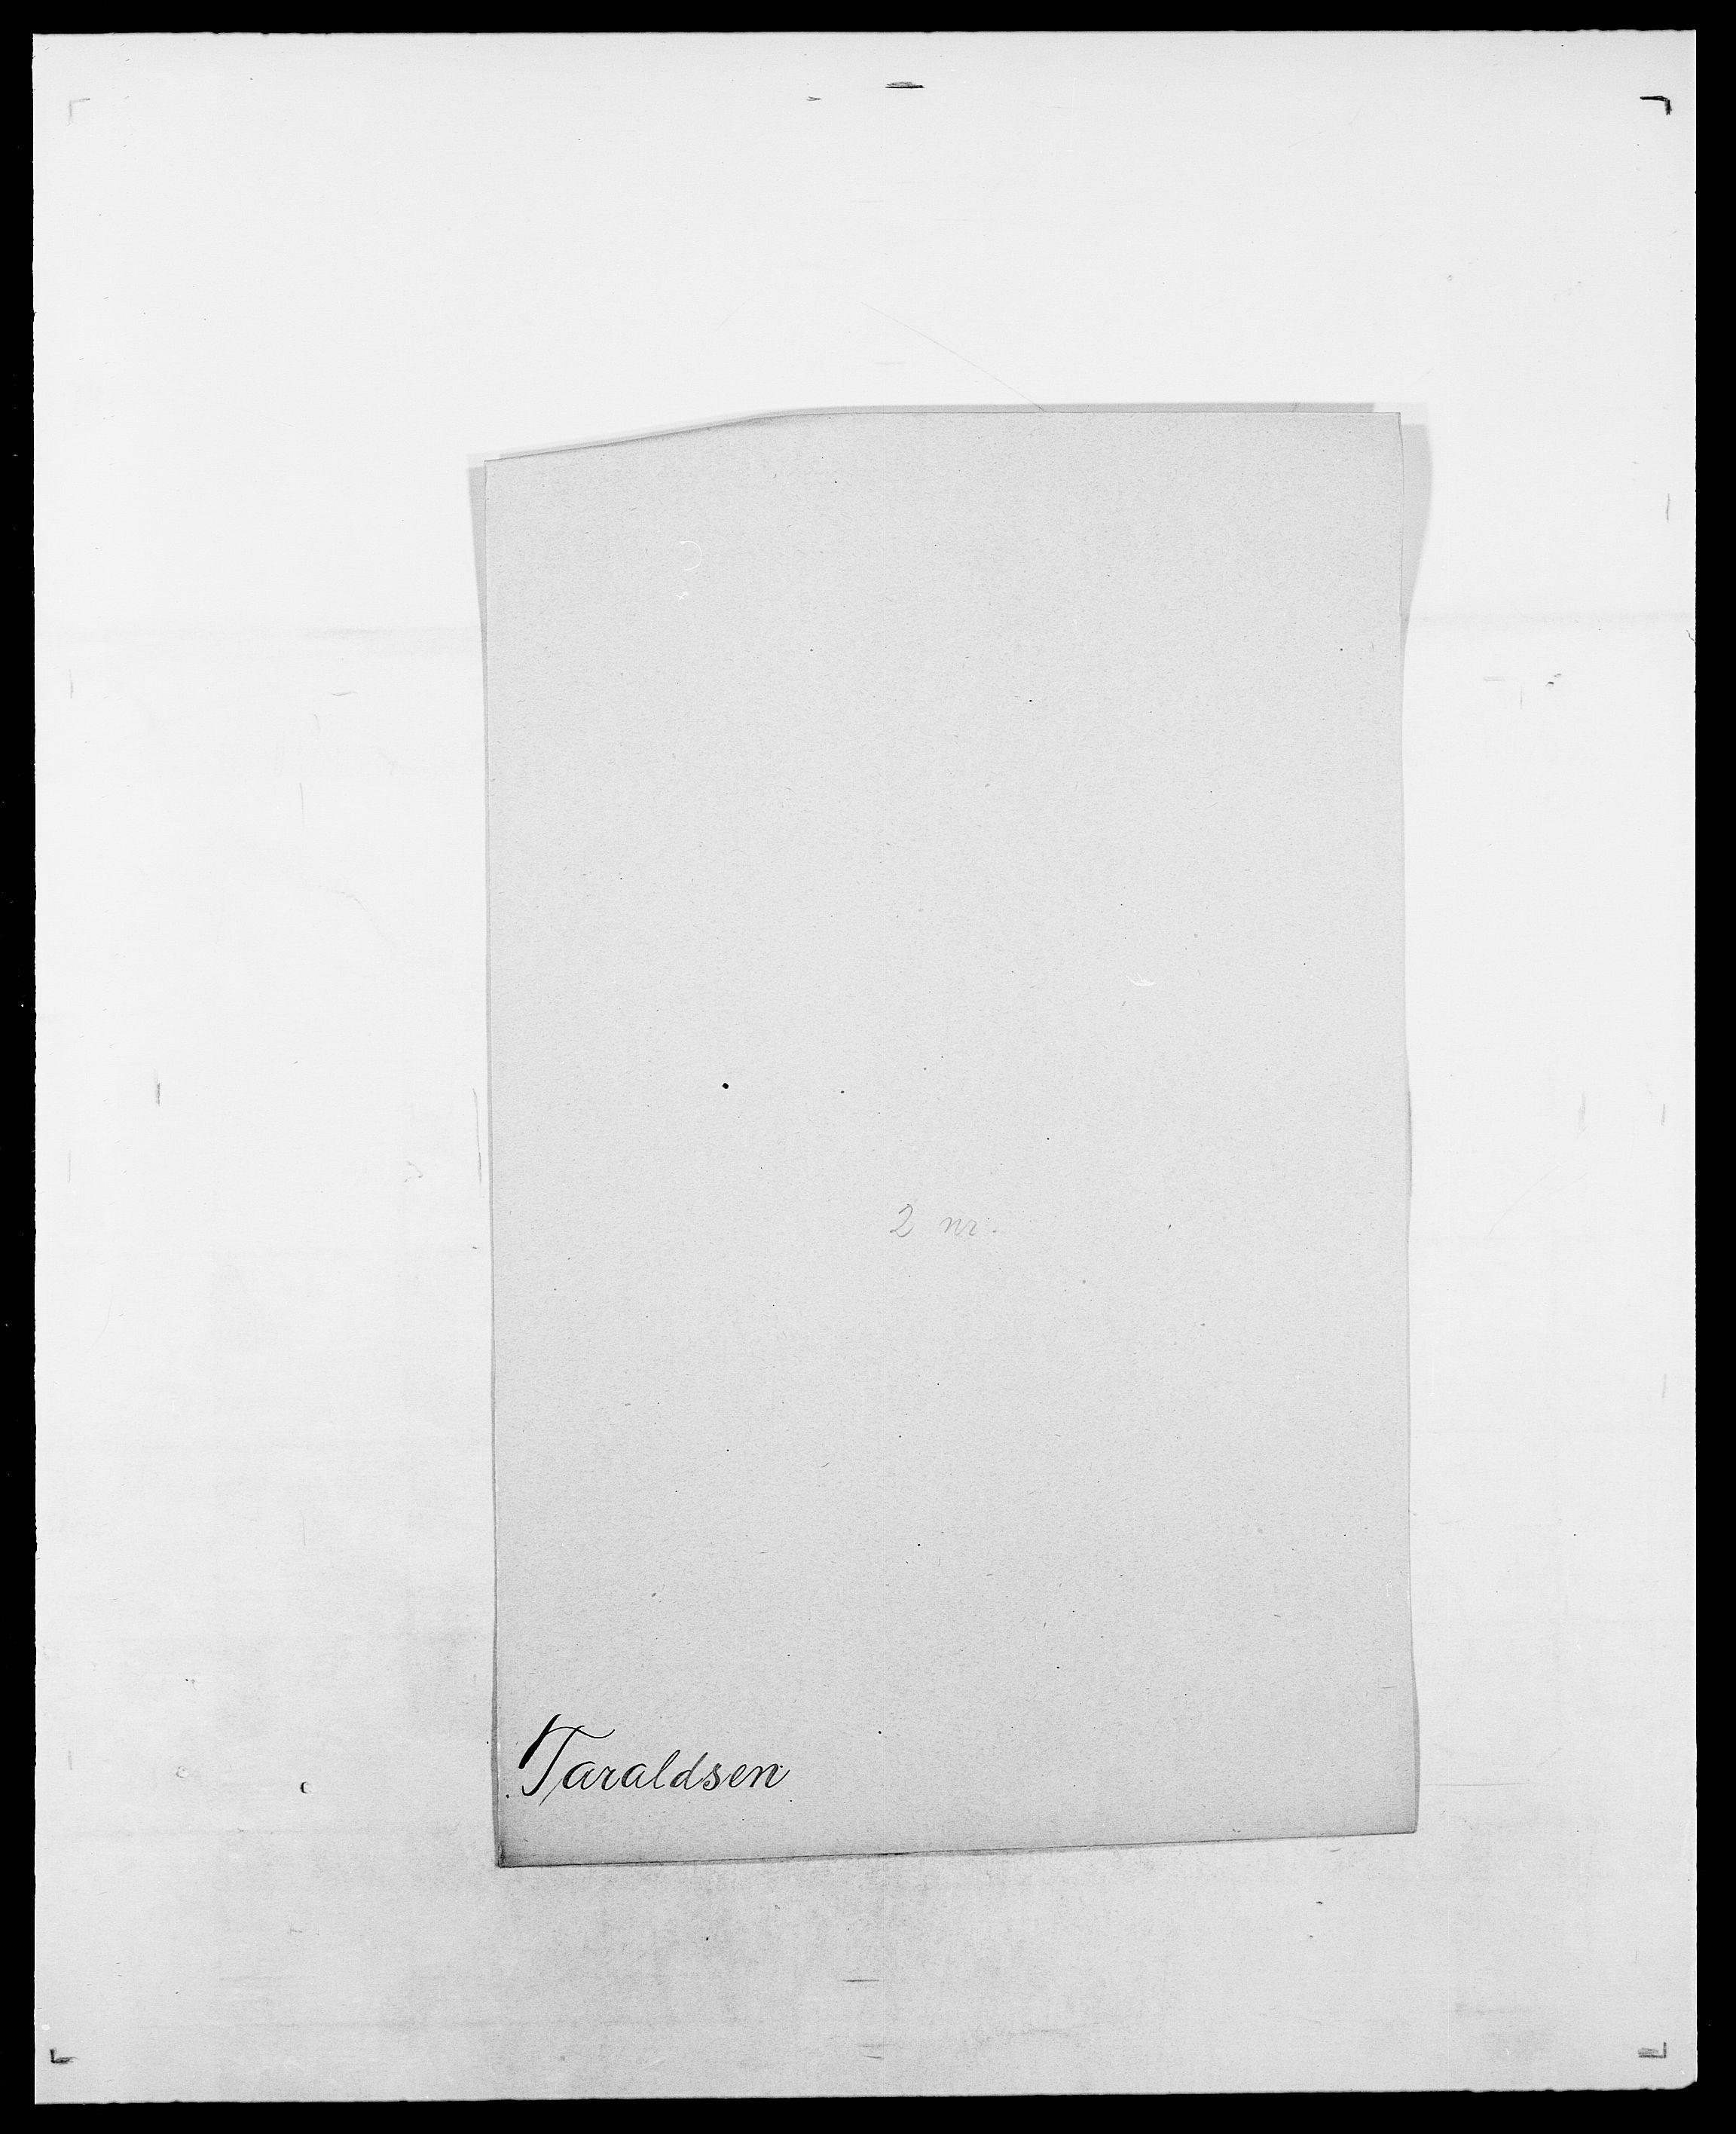 SAO, Delgobe, Charles Antoine - samling, D/Da/L0038: Svanenskjold - Thornsohn, s. 337